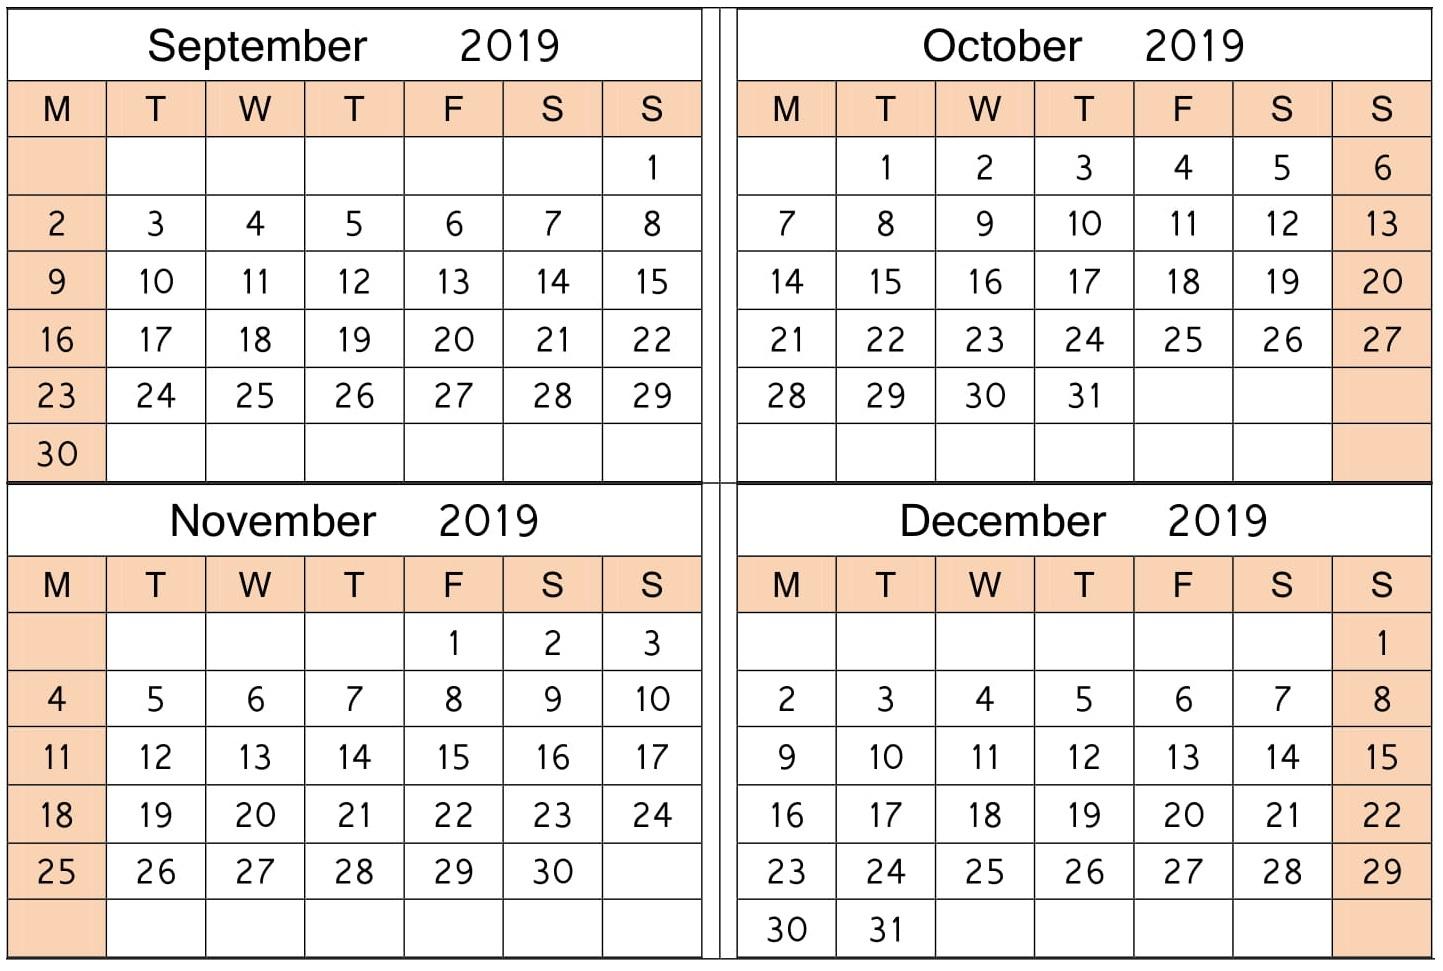 September October 2019 Calendar Printable Planner - Latest